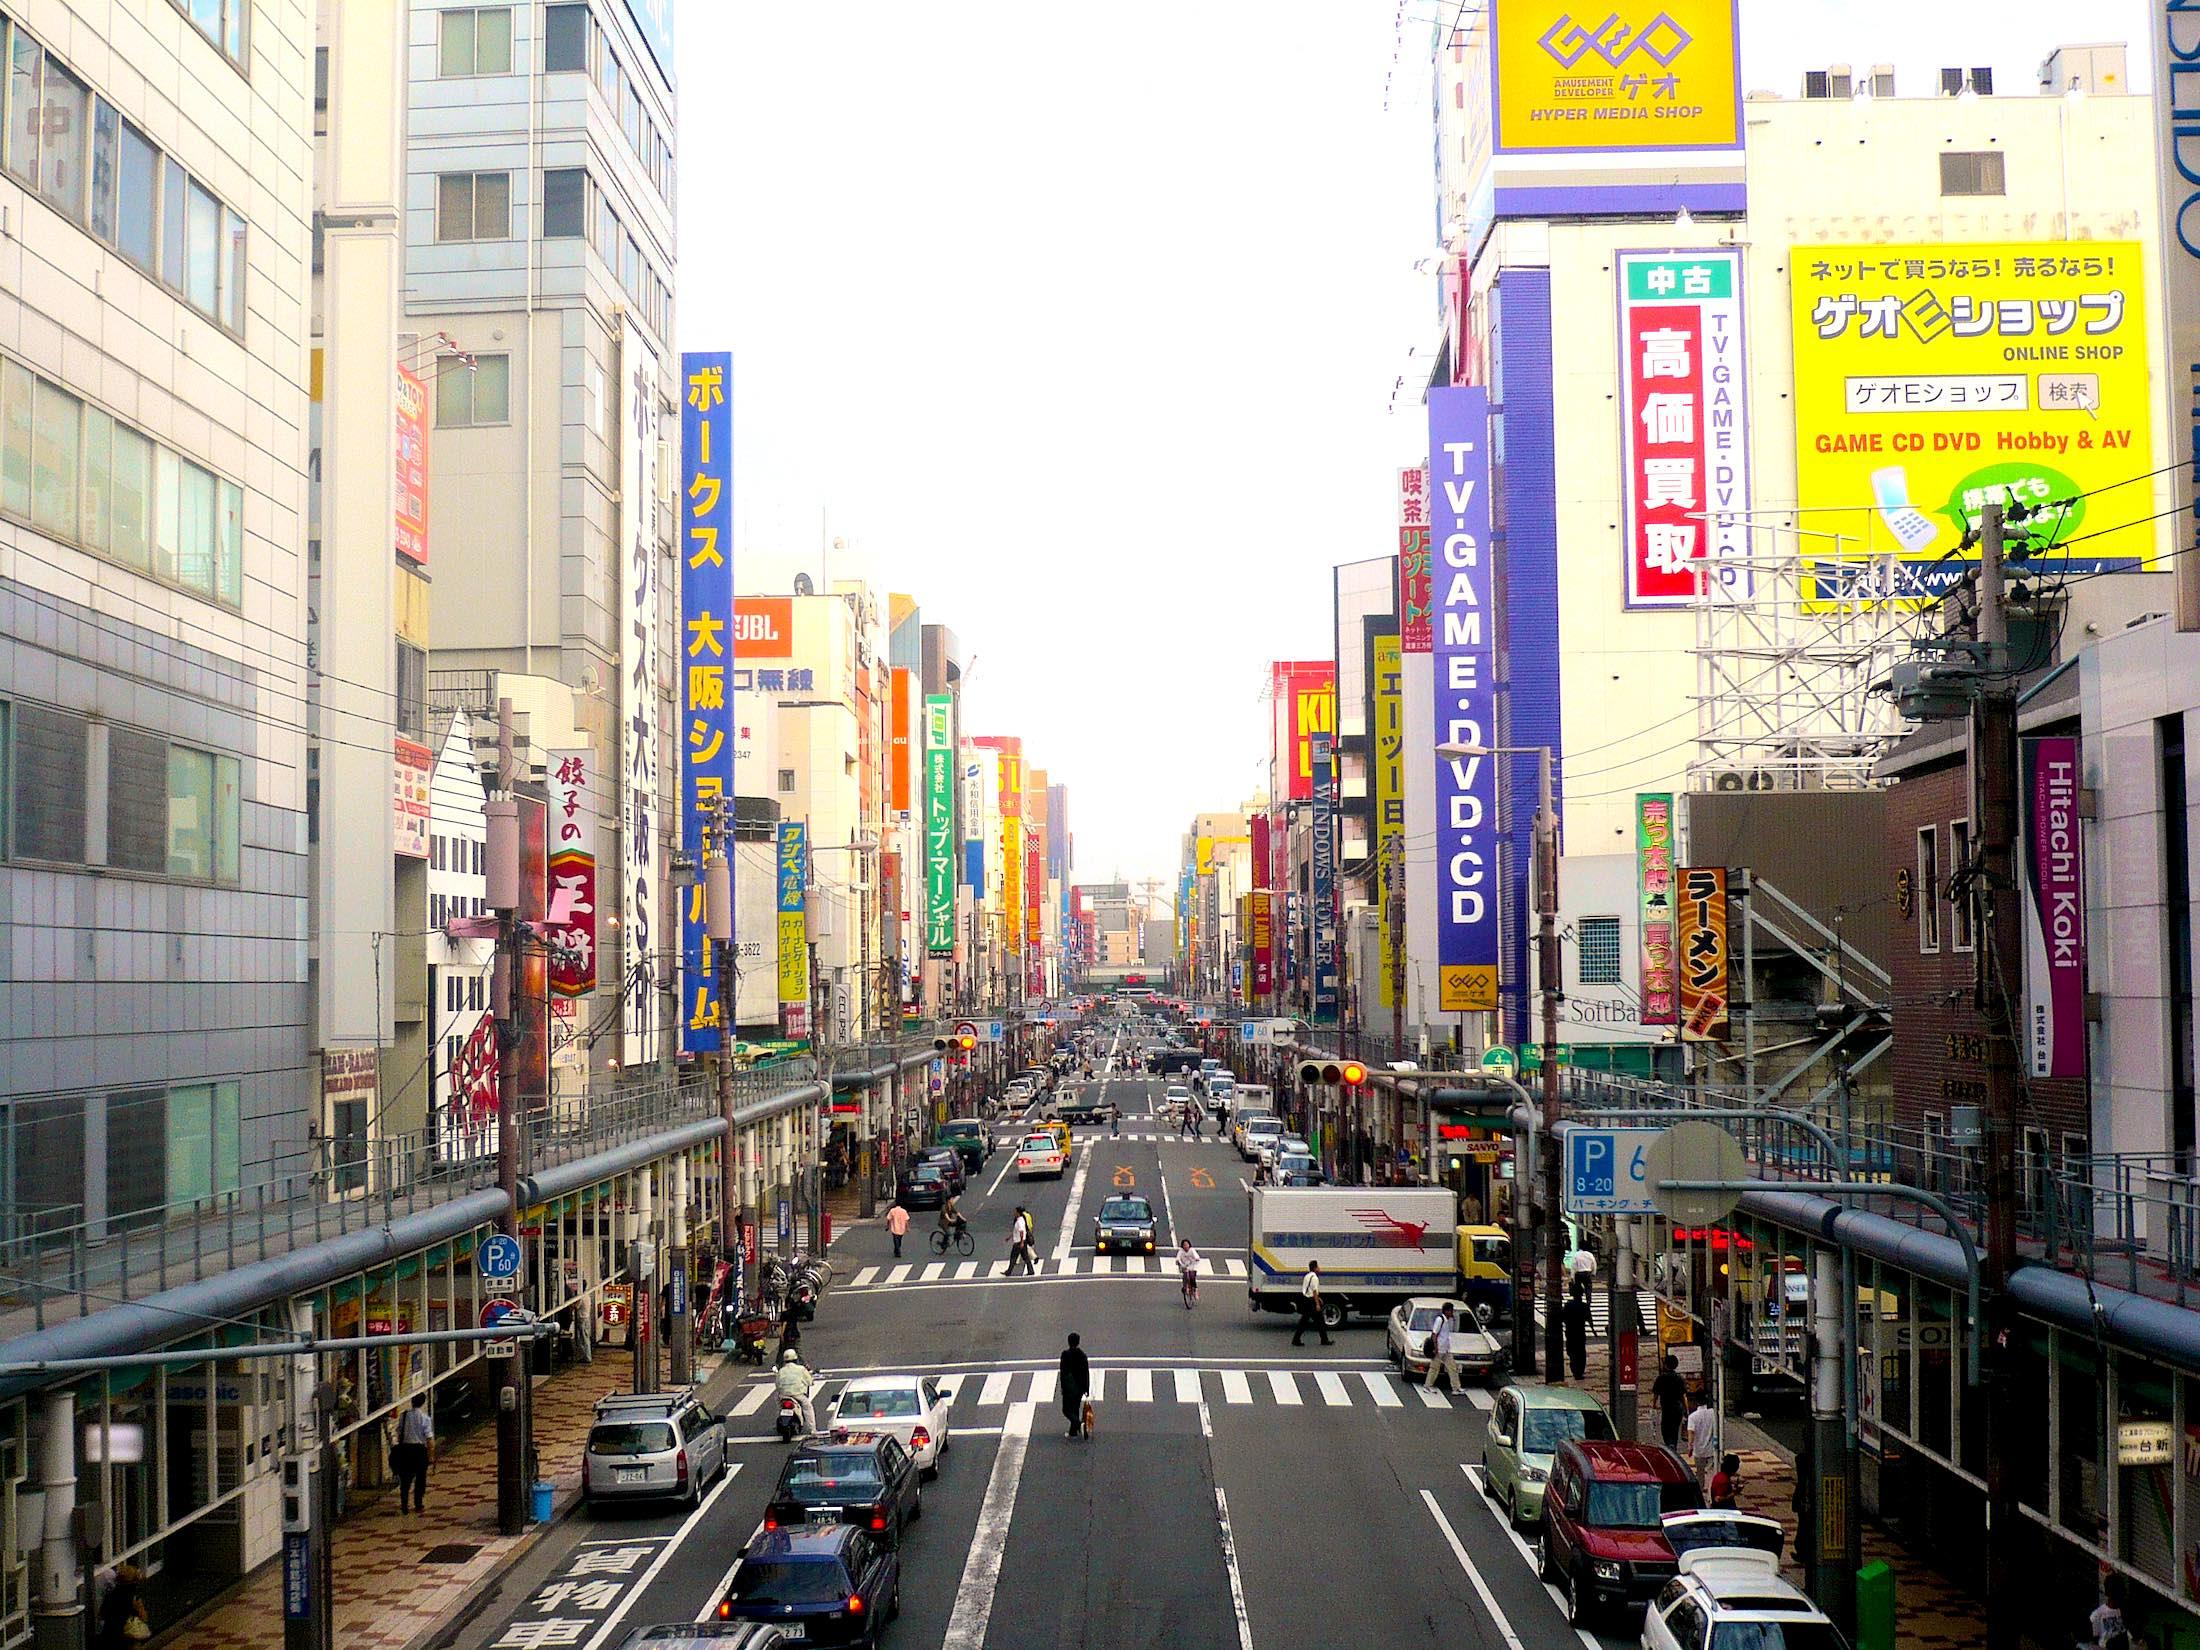 Oasis Hd Wallpaper Osaka Den Den Town Gaijinpot Travel